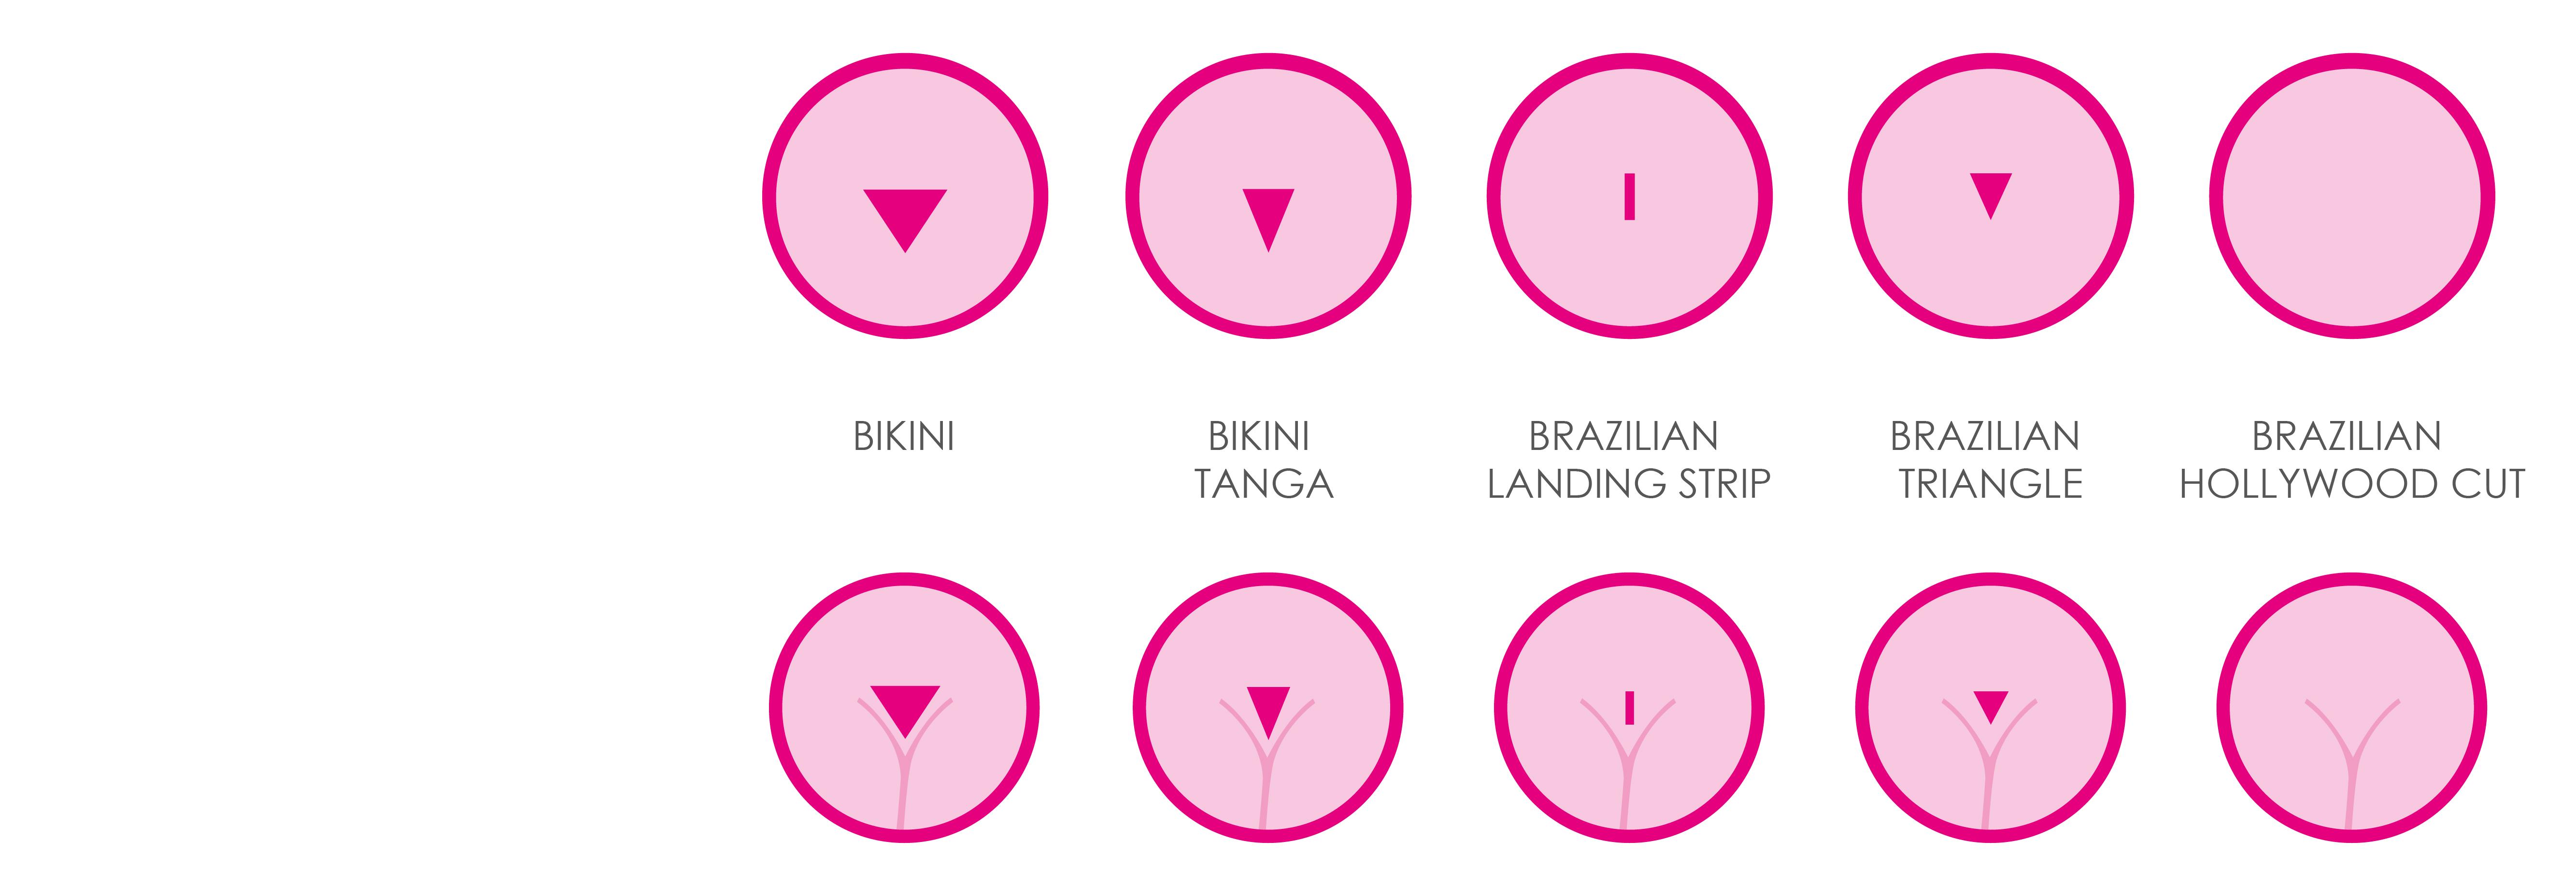 Haarentfernung im Intimbereich: Bikinzone mit Sugaring